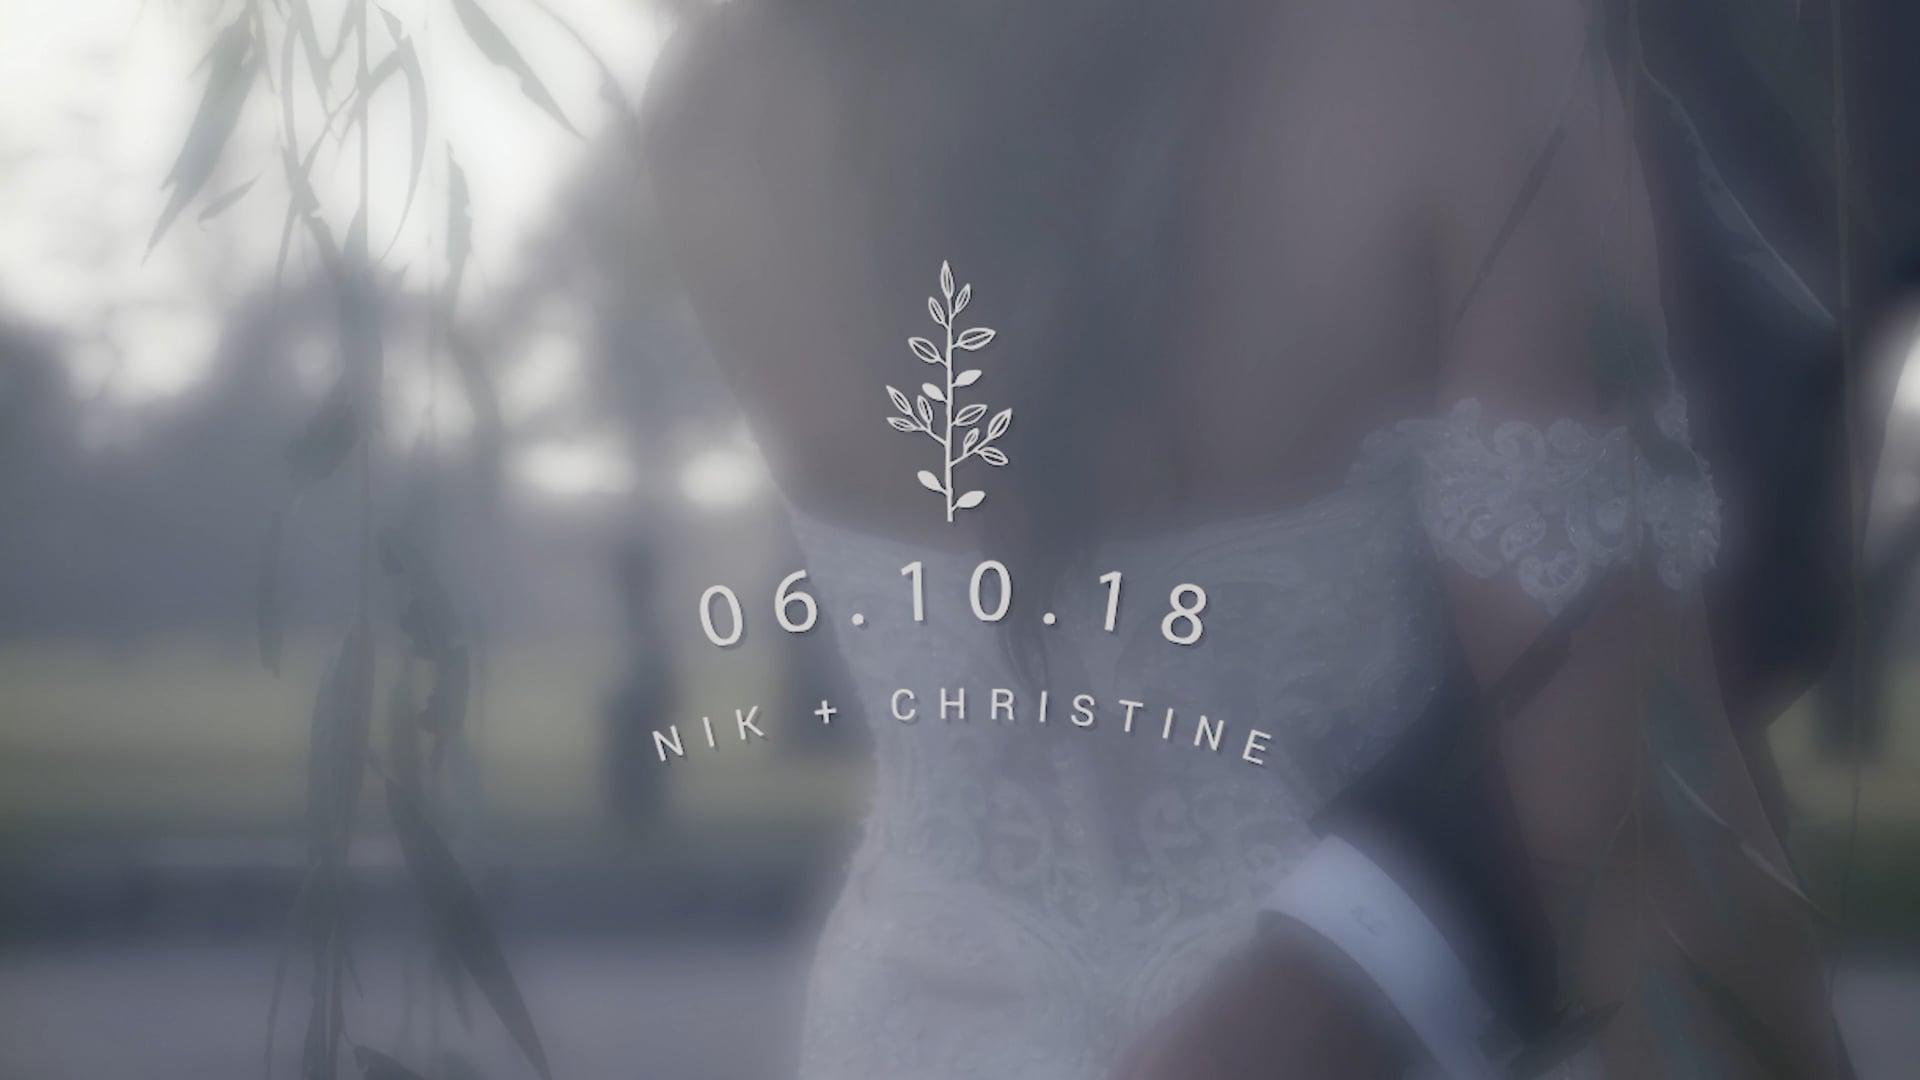 Nik + Christine